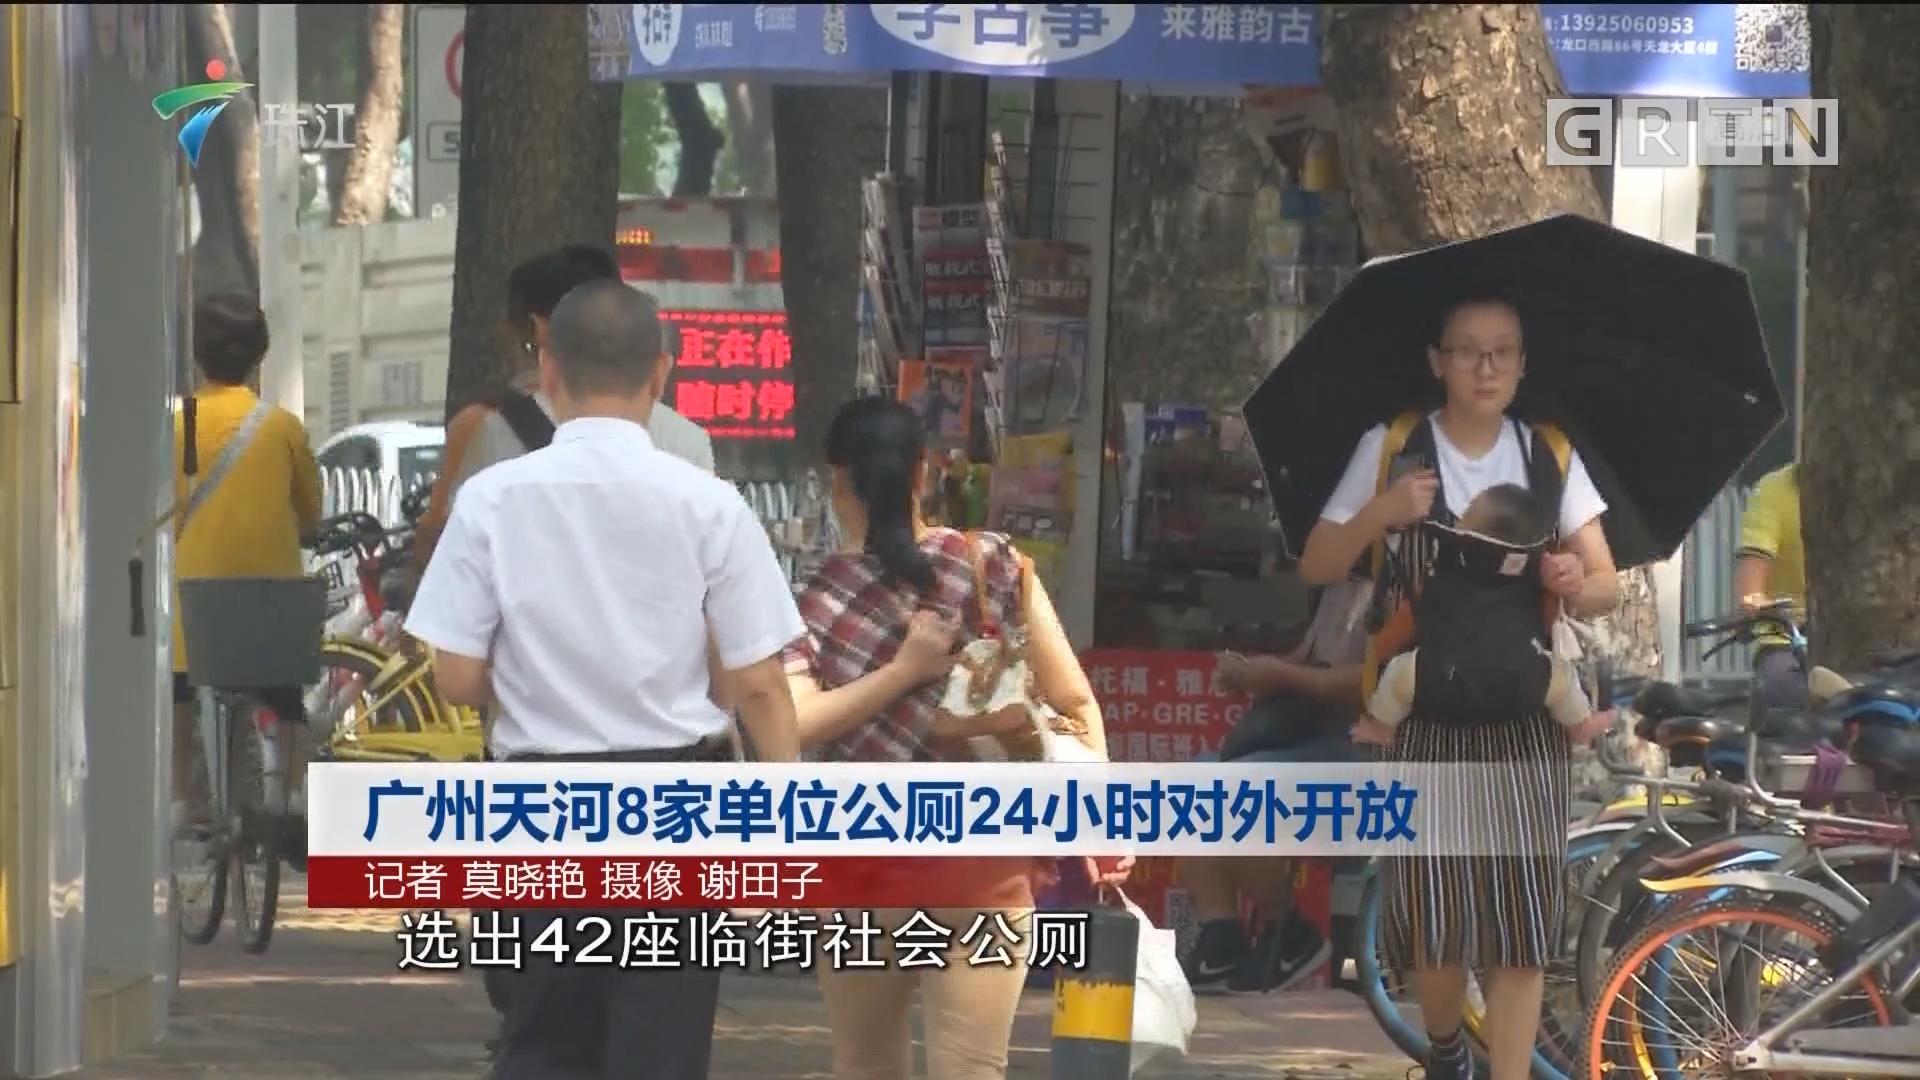 广州天河8家单位公厕24小时对外开放